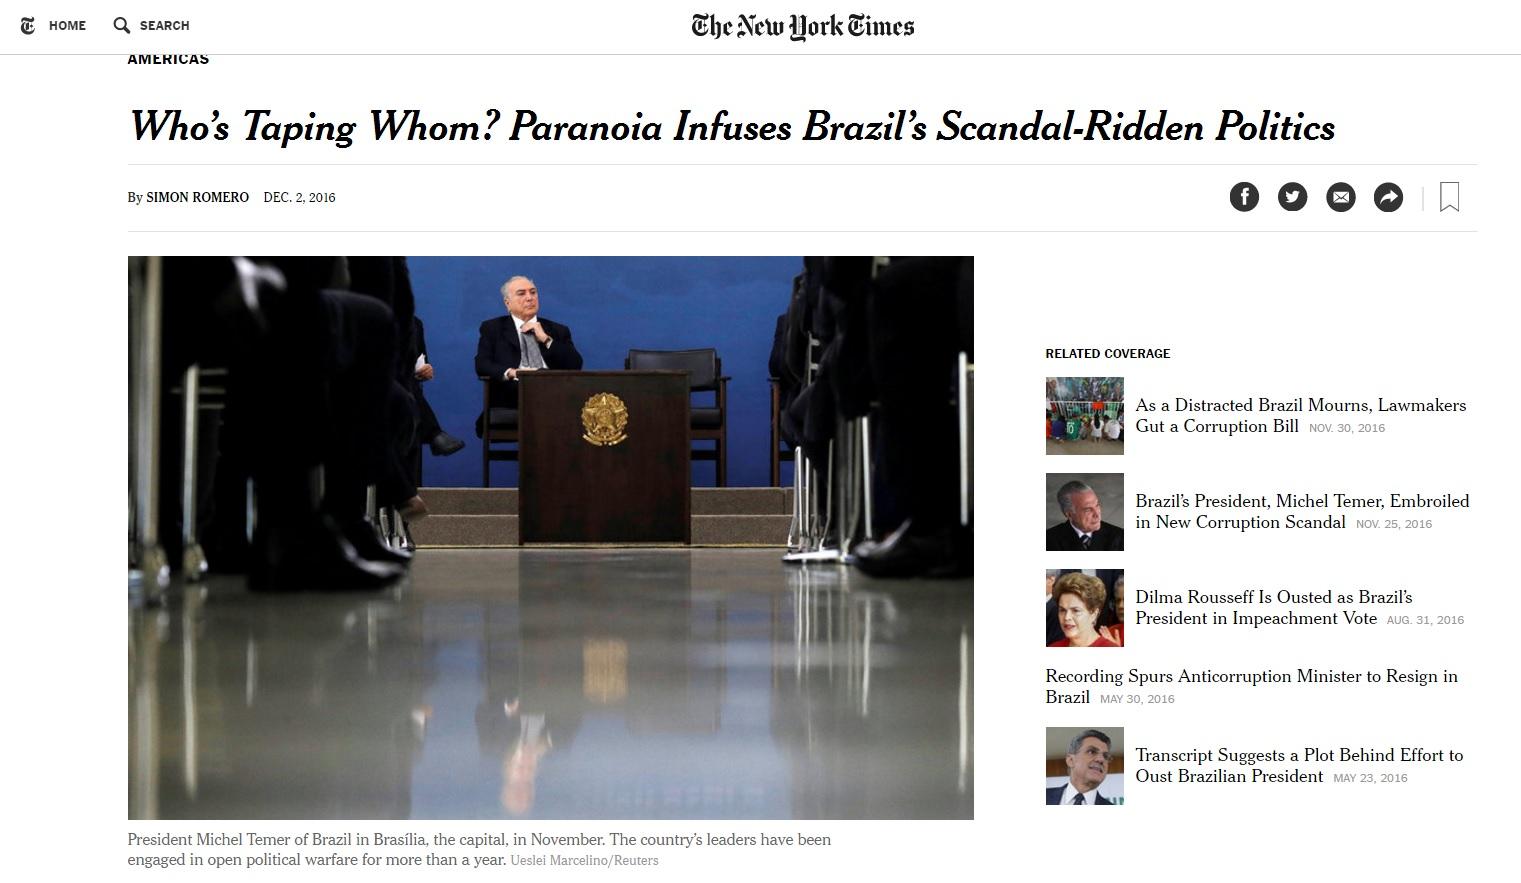 'Guerra política' cria clima de paranoia no Brasil, diz 'New York Times'